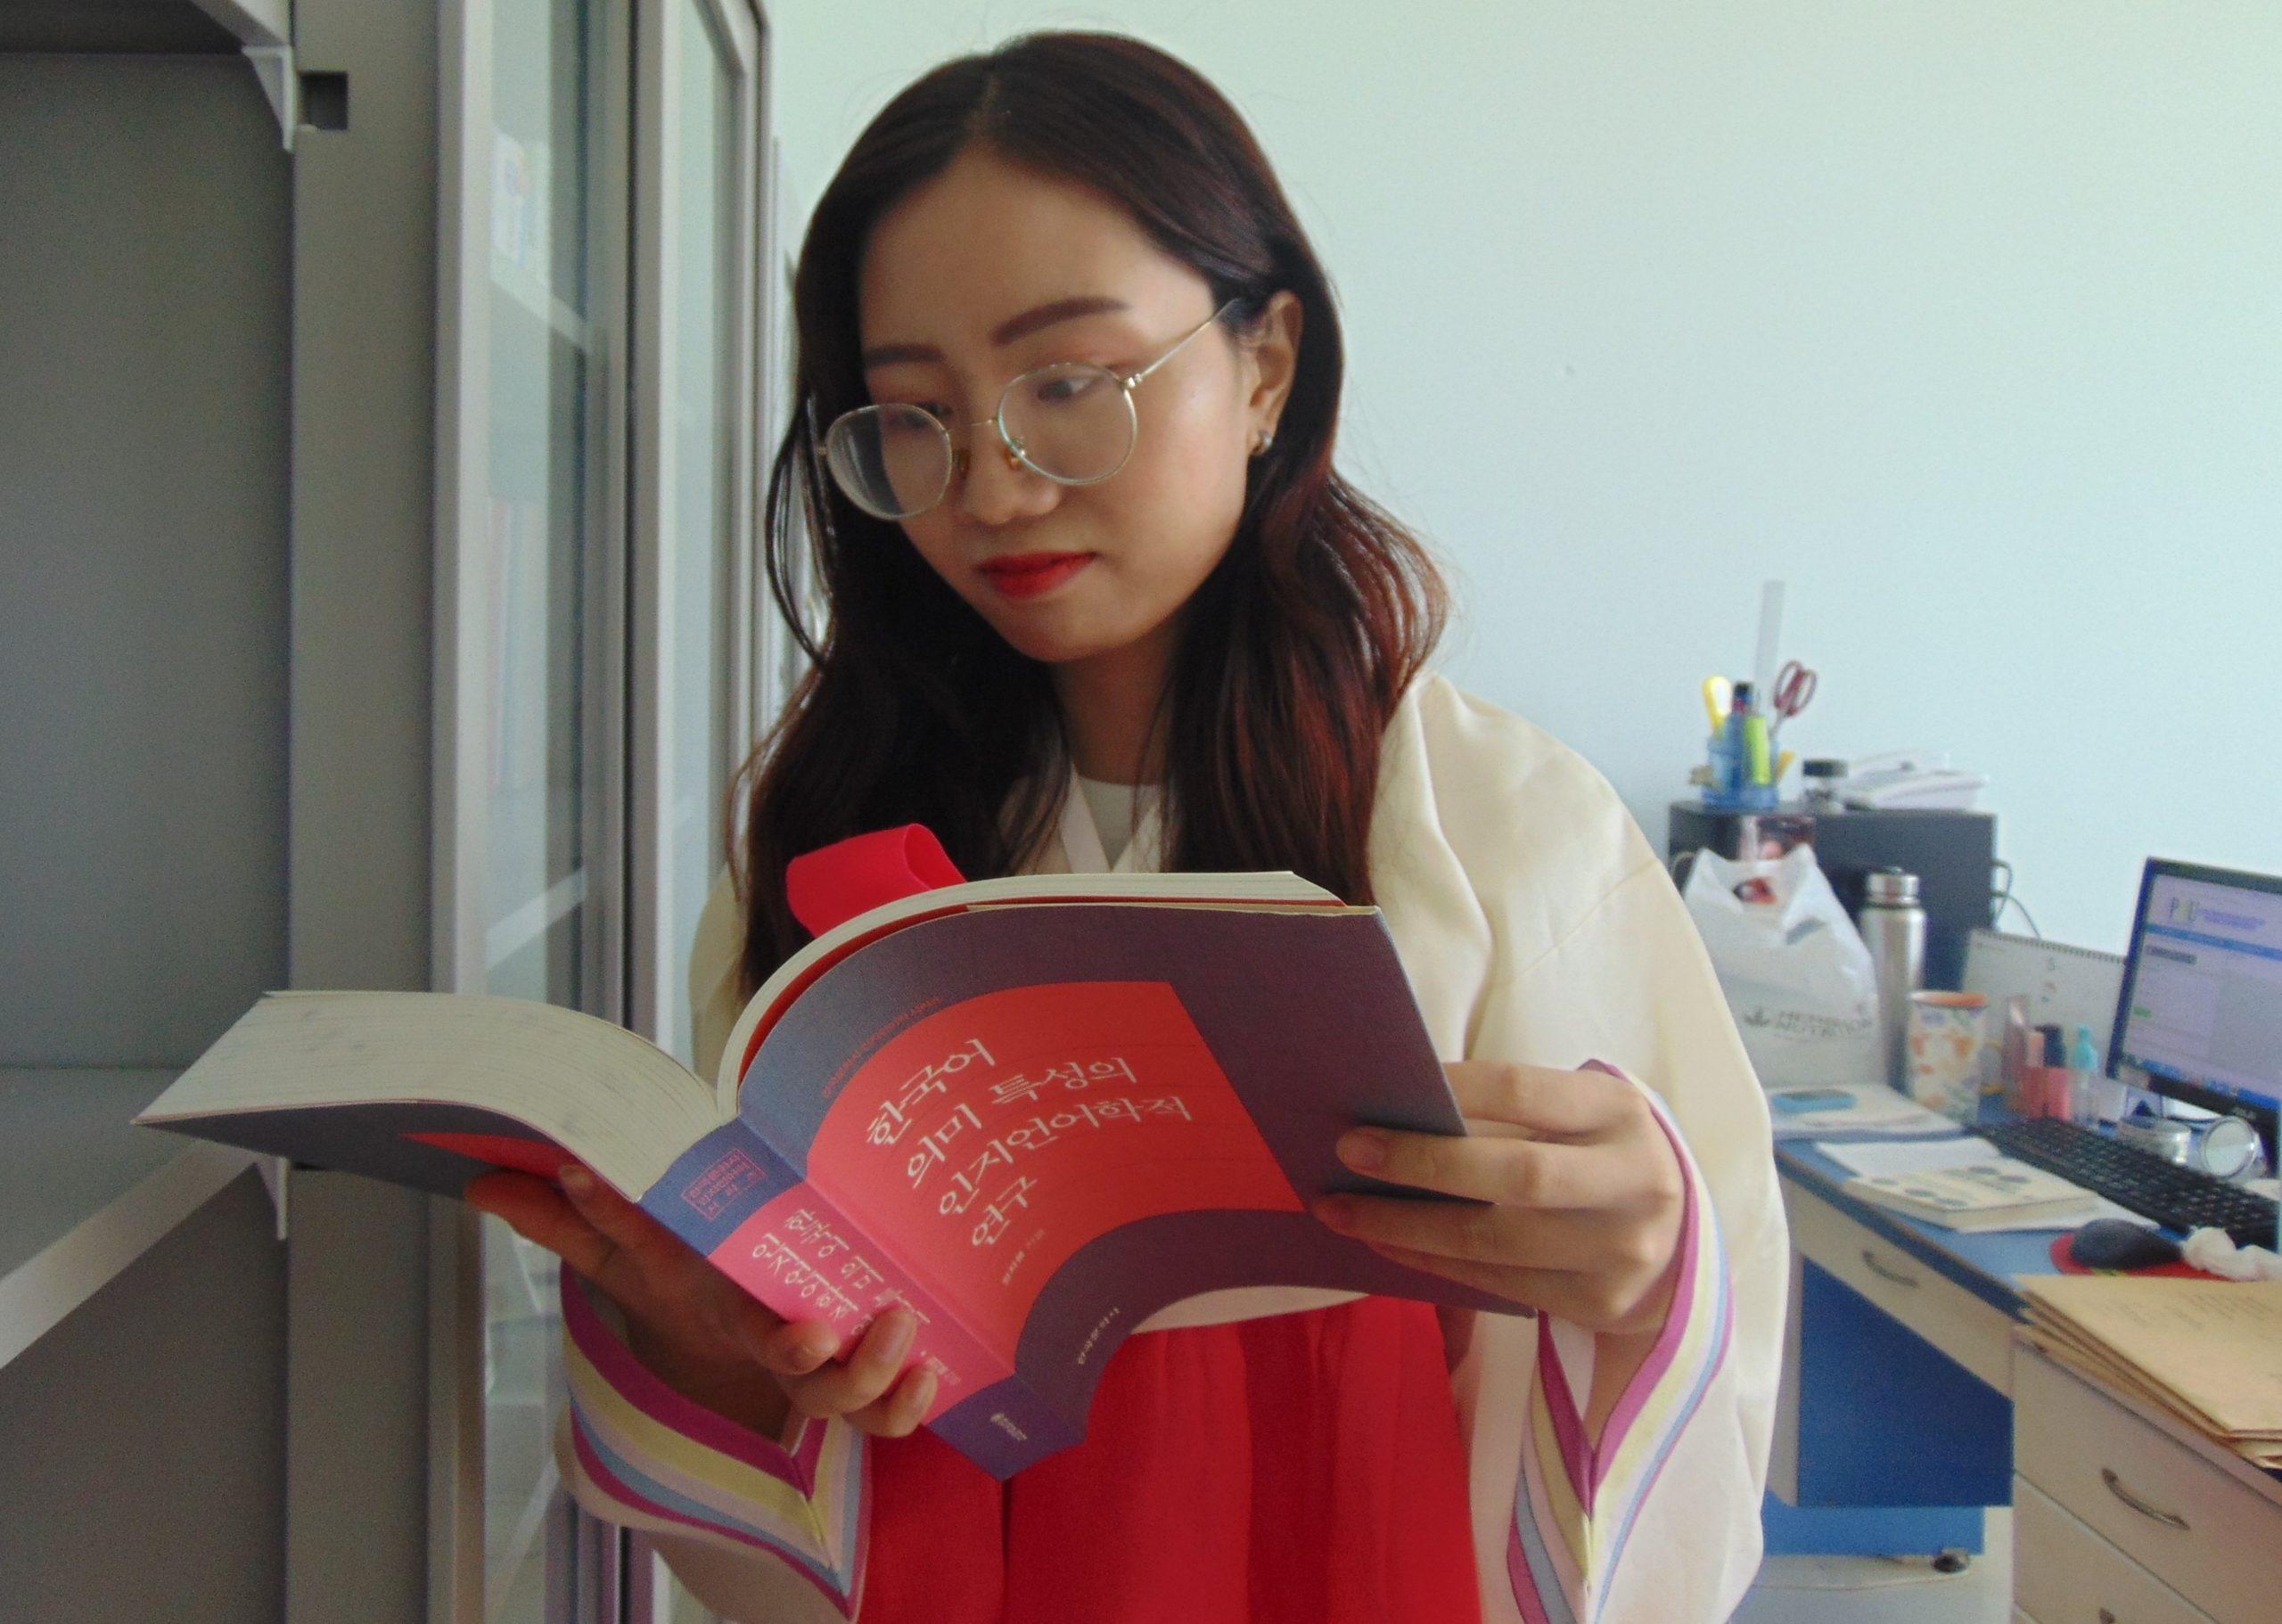 Sinh viên Trần Thị Anh Thư chia sẻ 5 lý do yêu thích ngành Hàn Quốc